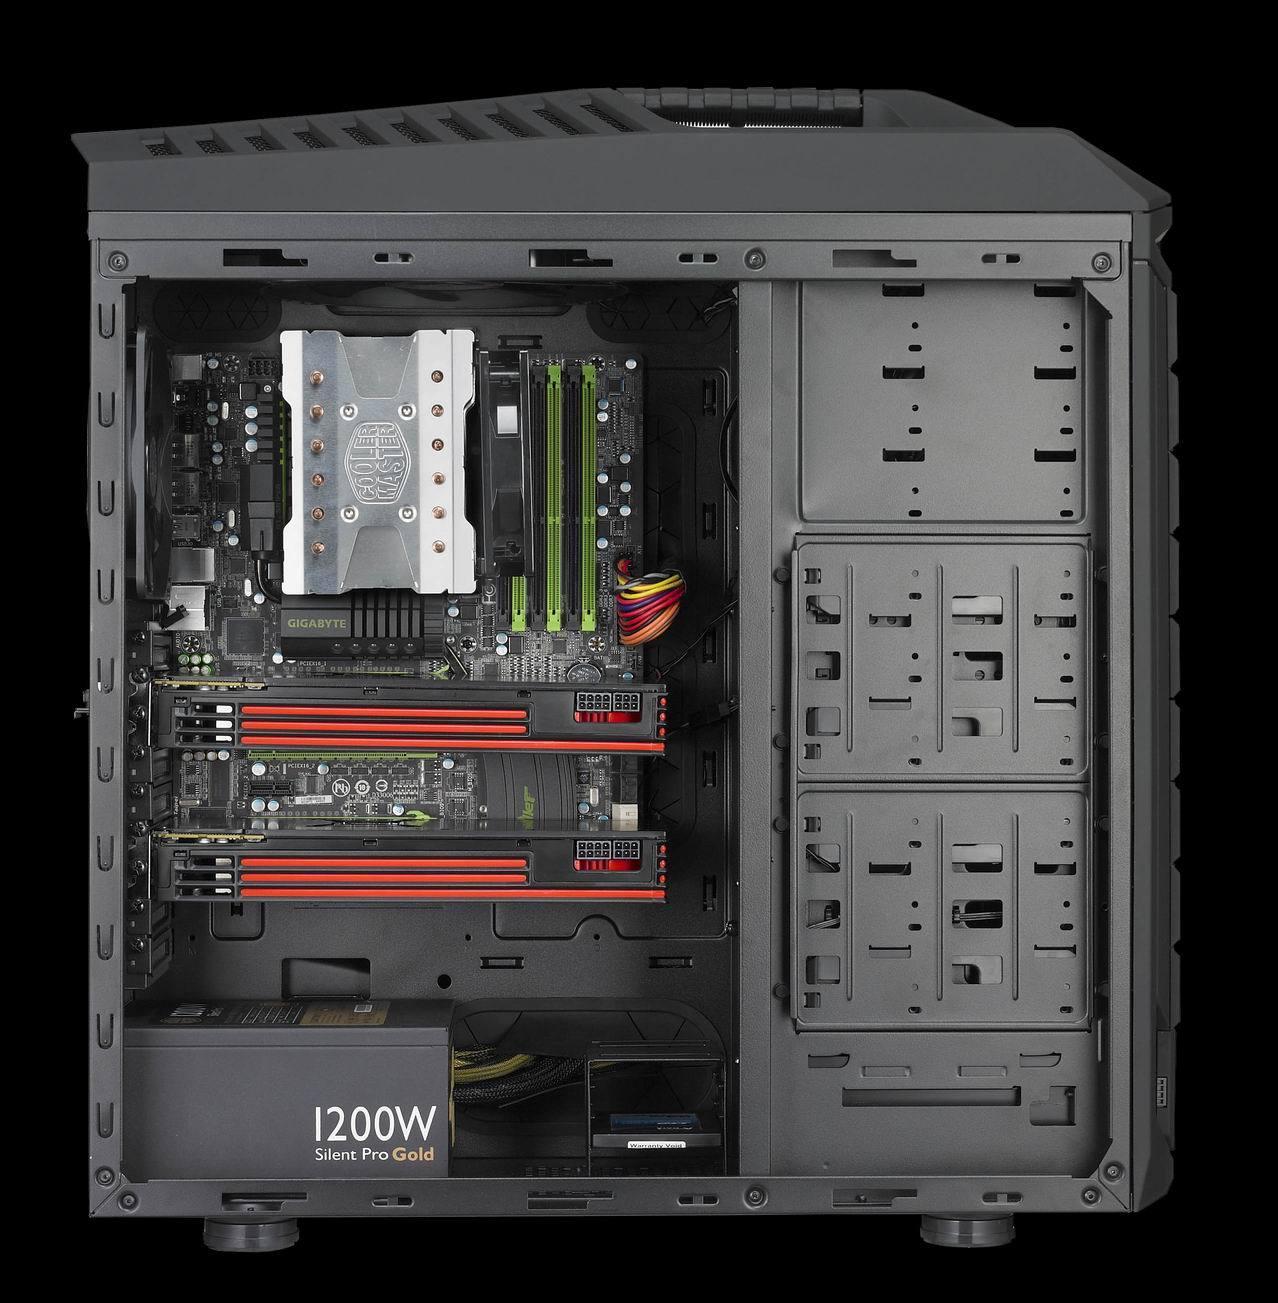 内部结构   作为高端全塔机箱,坦克兵的578.5250605.6mm空间内为广大发烧级玩家提供了丰富功能,它可以容纳XL-ATX板型主板、9+1扩展槽足以支持四路SLI/Crossfire(最长兼容322mm显卡)、此外还能够容纳下多达12颗硬盘,兼容性能空前强大。